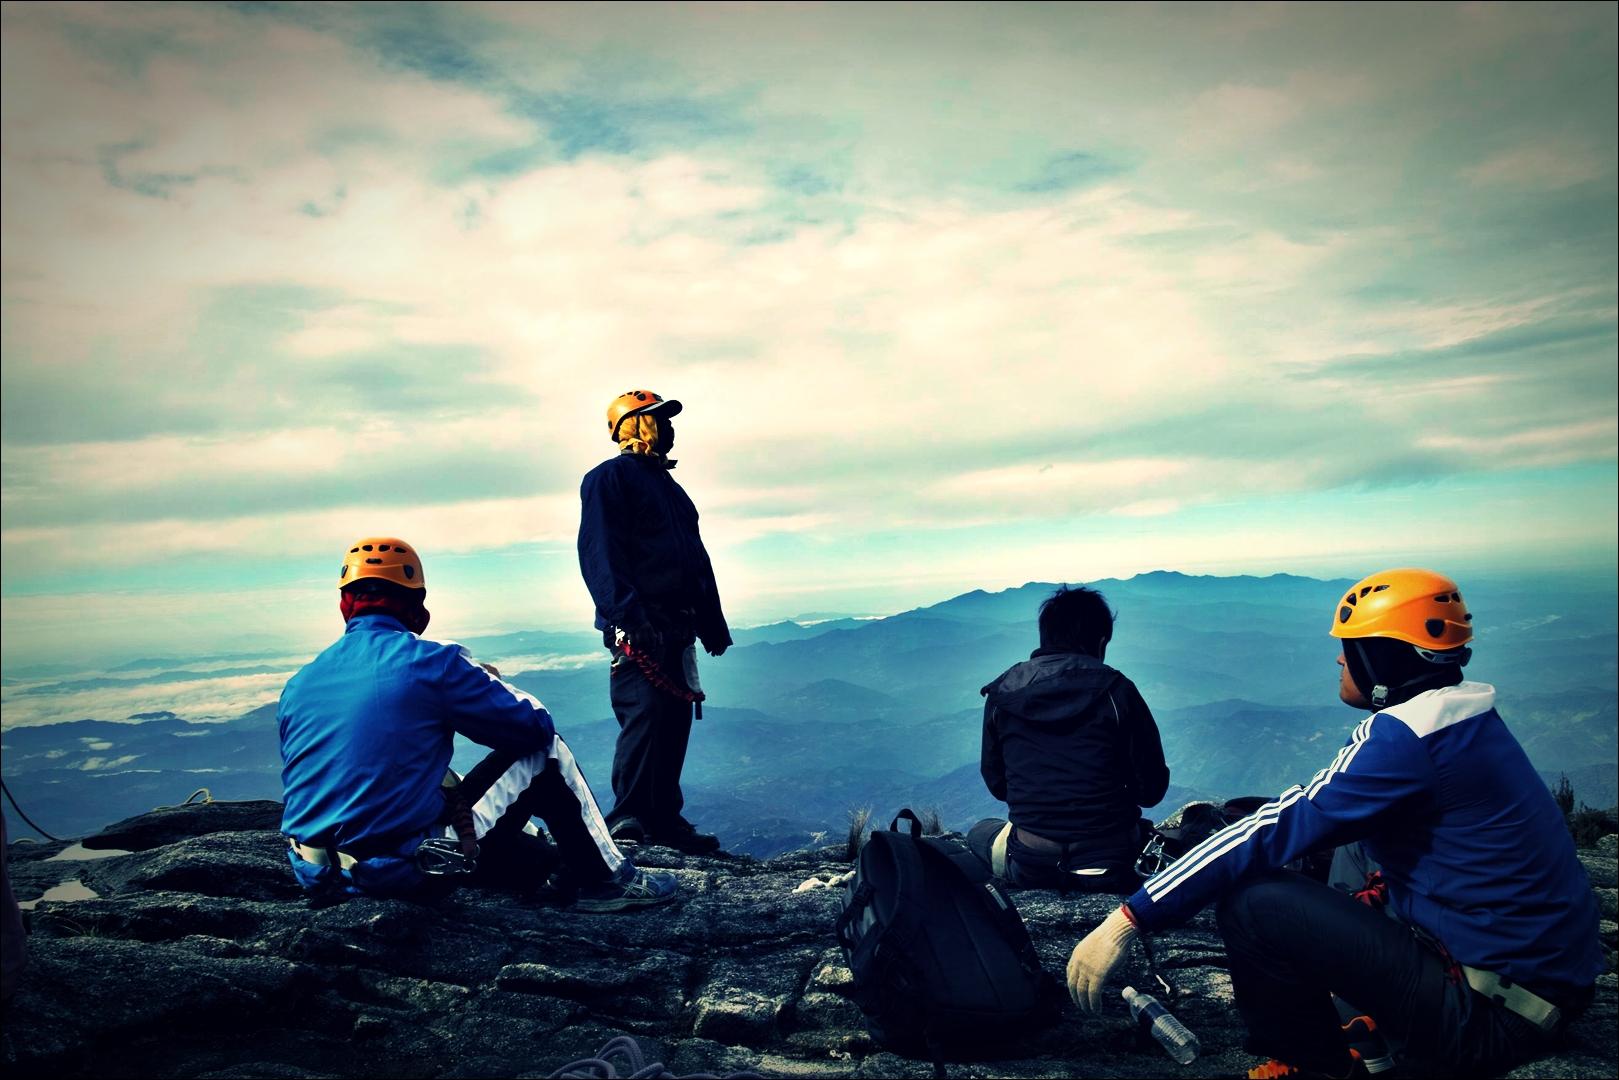 준비-'키나발루 산 비아 페라타.  The highst Via Ferrata Kinabalu mountain '